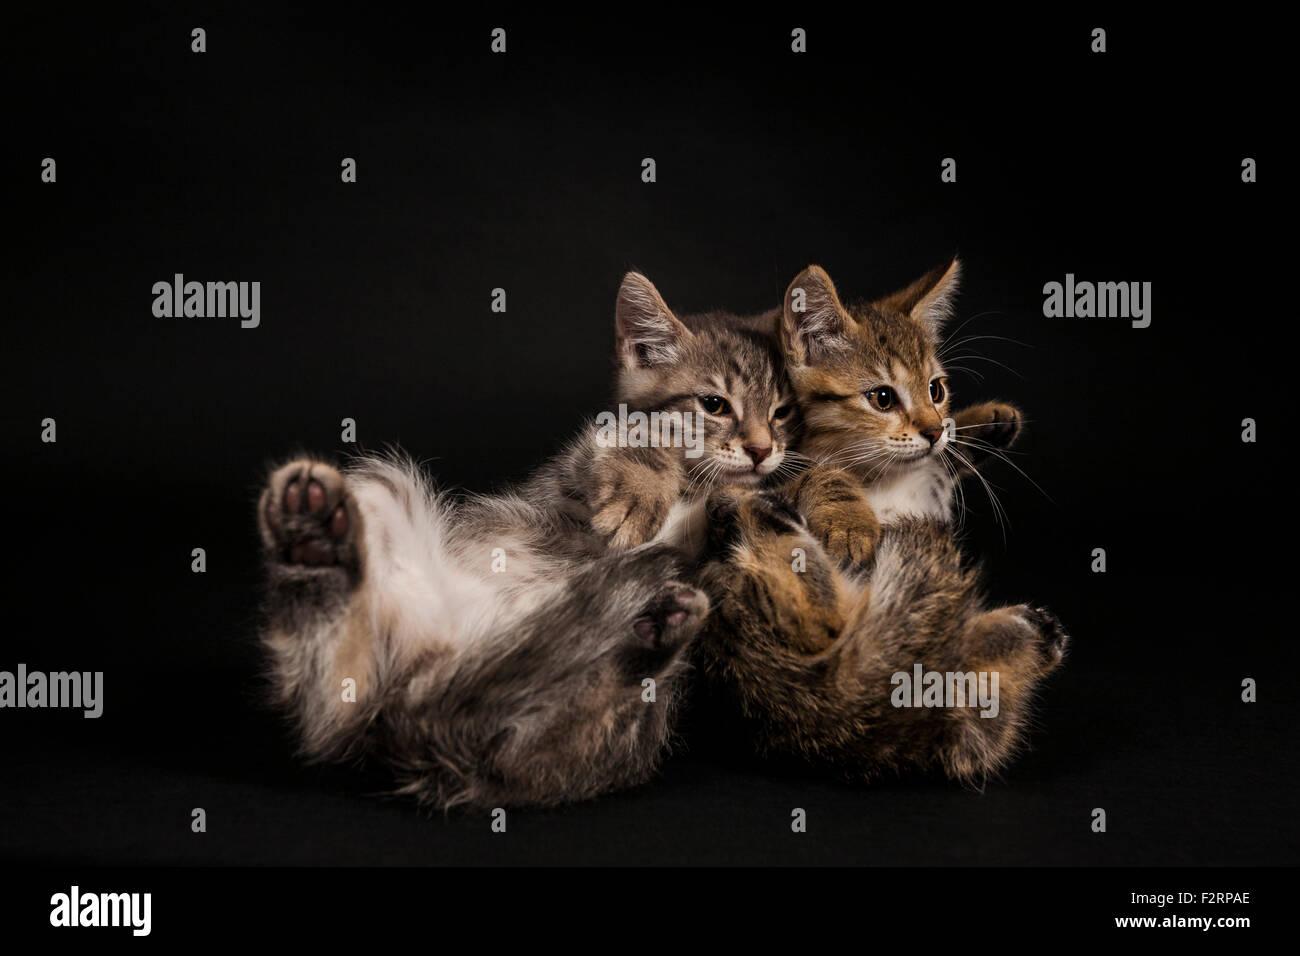 cat falling stock photos cat falling stock images alamy